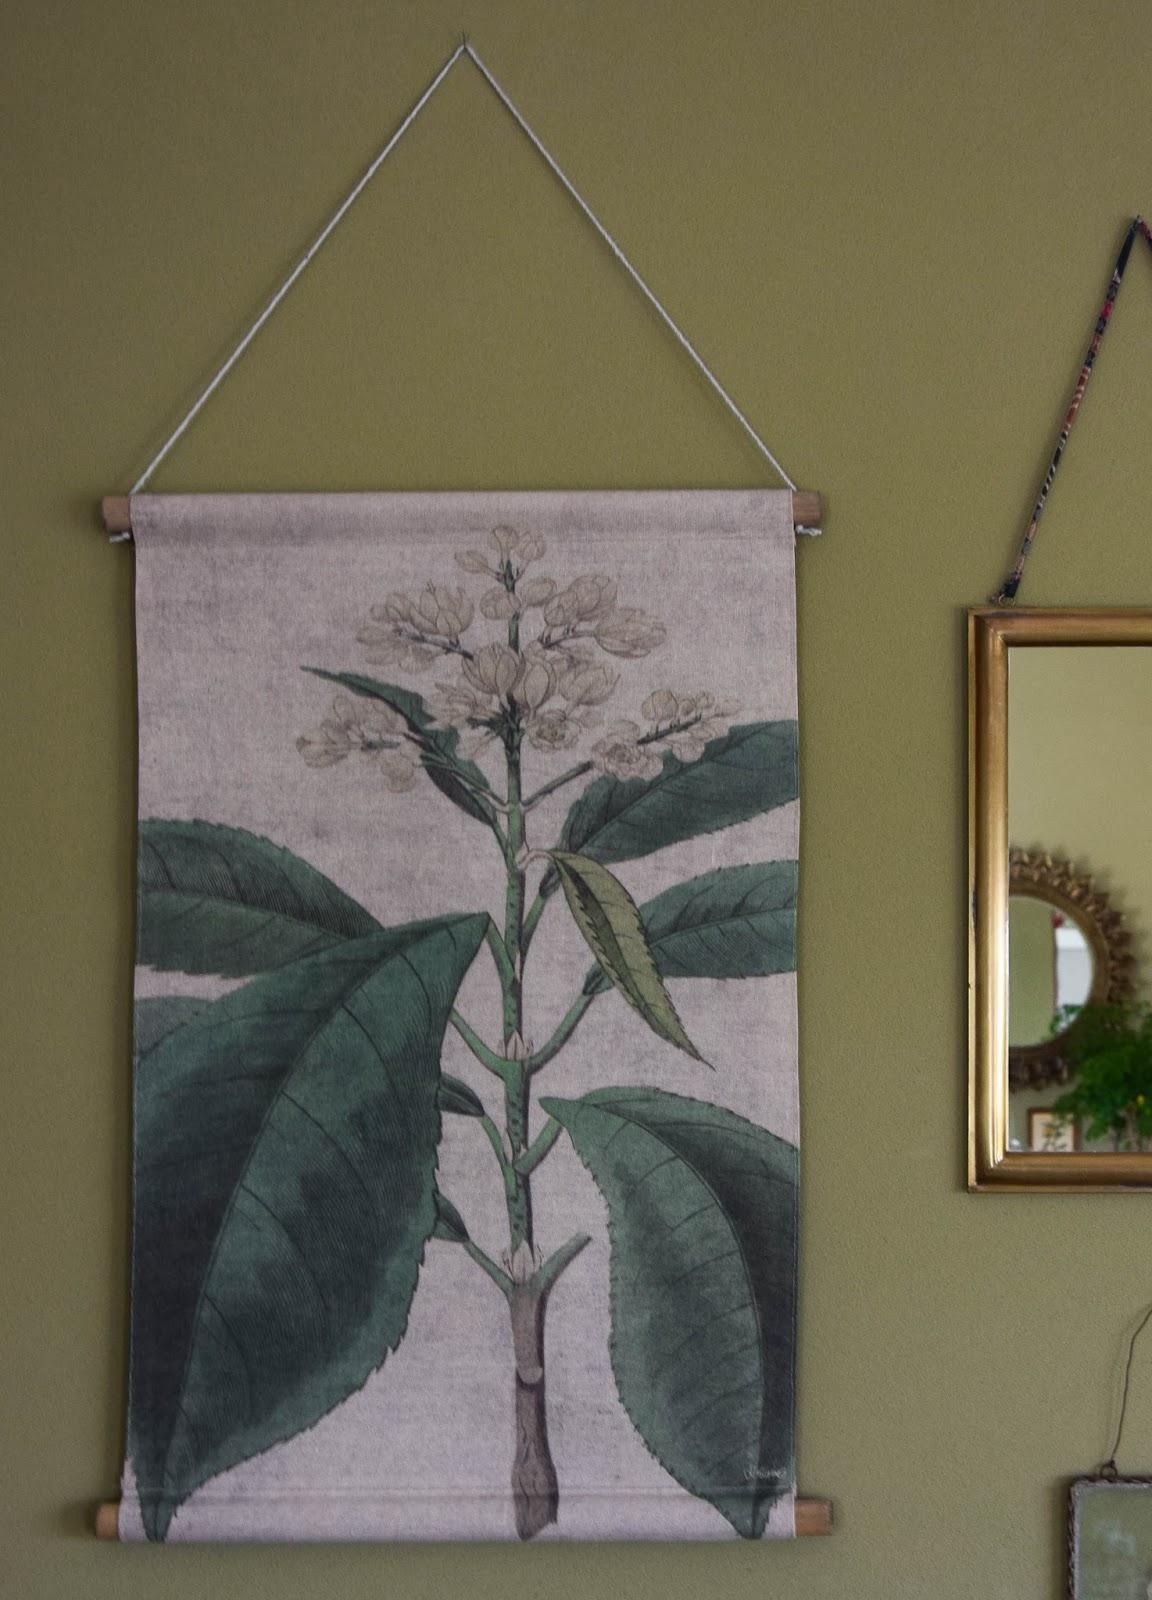 Botanische Bildtafel Wand Deko Wohnzimmer